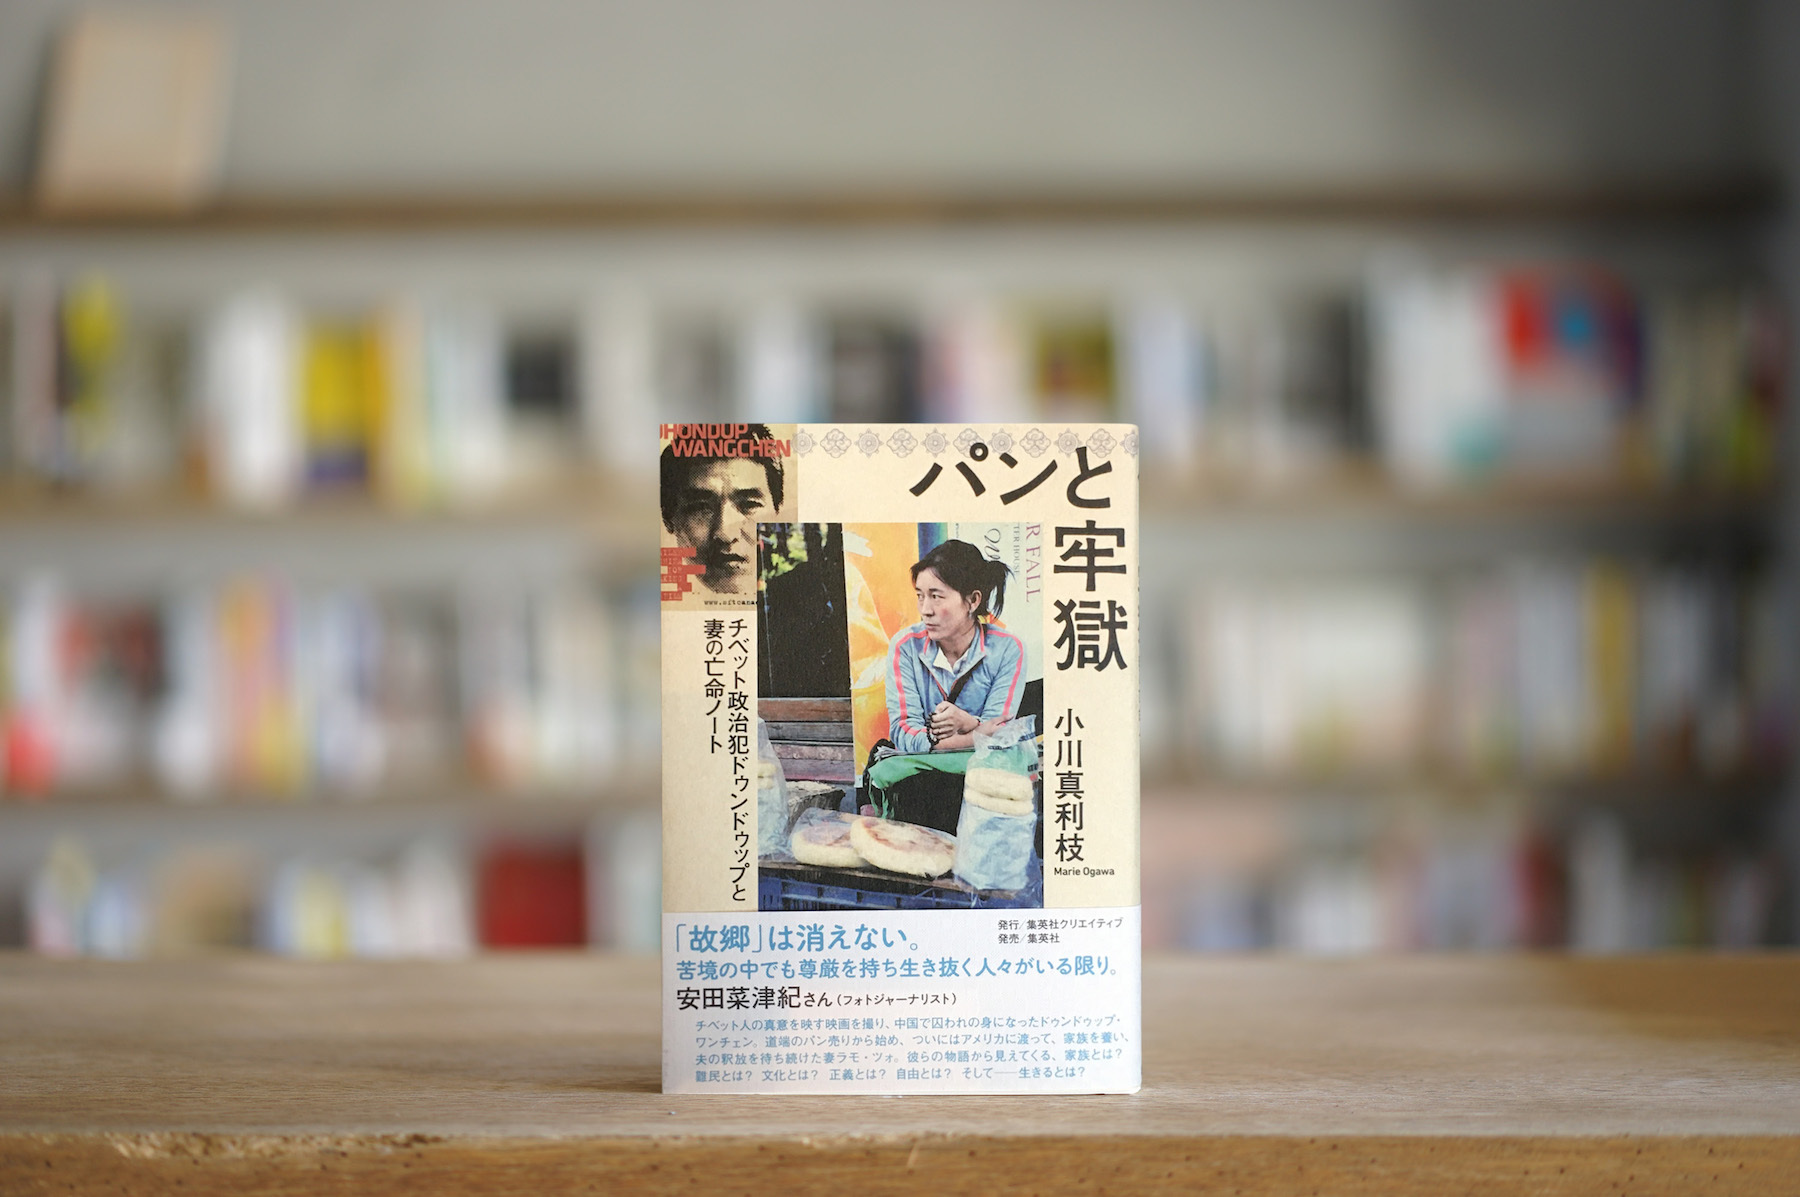 小川真利枝 『パンと牢獄 チベット政治犯ドゥンドゥップと妻の亡命ノート』 (集英社クリエイティブ、2020)